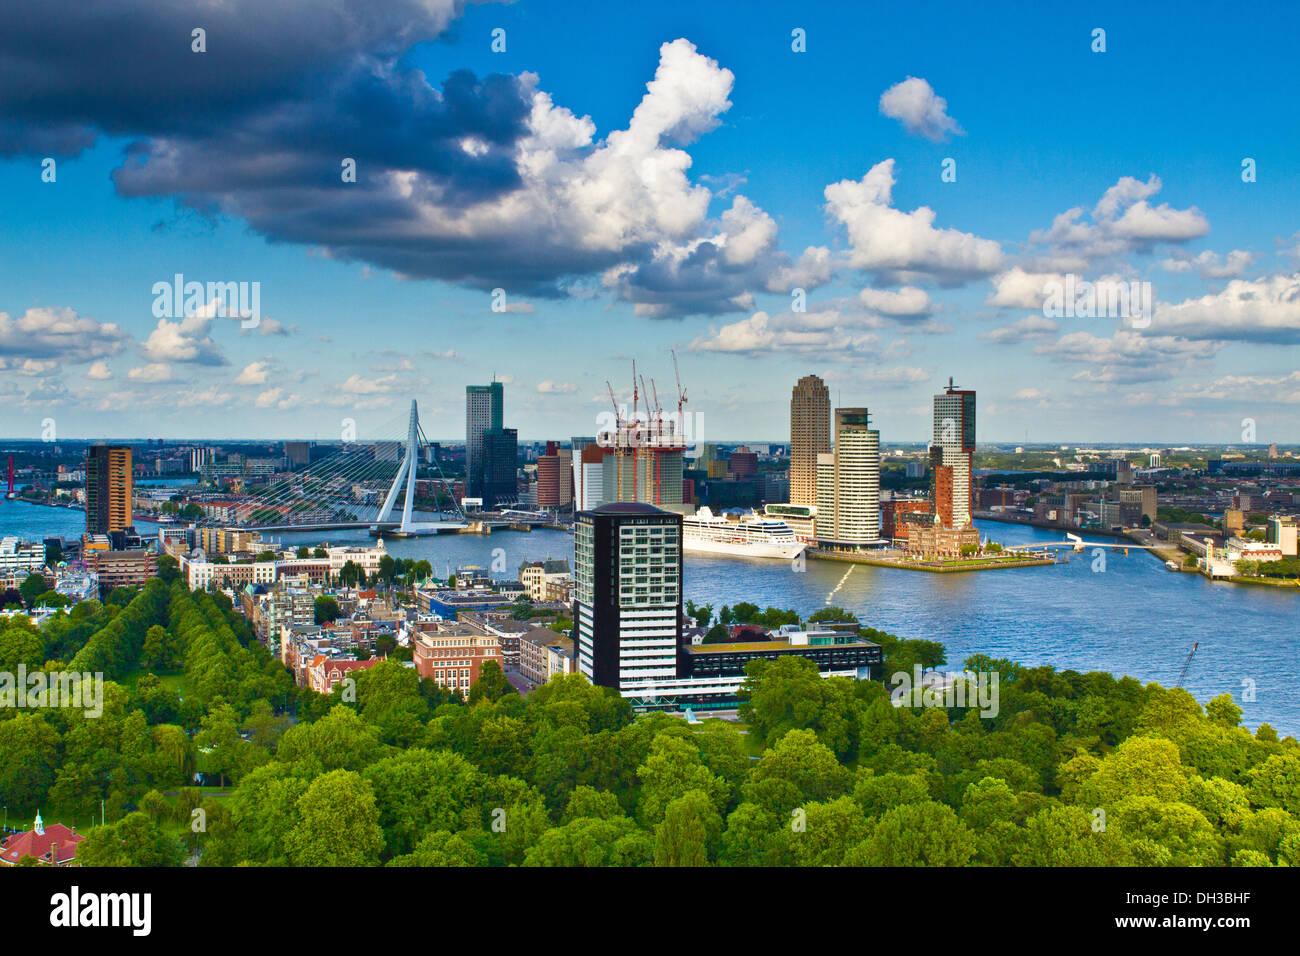 Y el puente Erasmus de Rotterdam Imagen De Stock